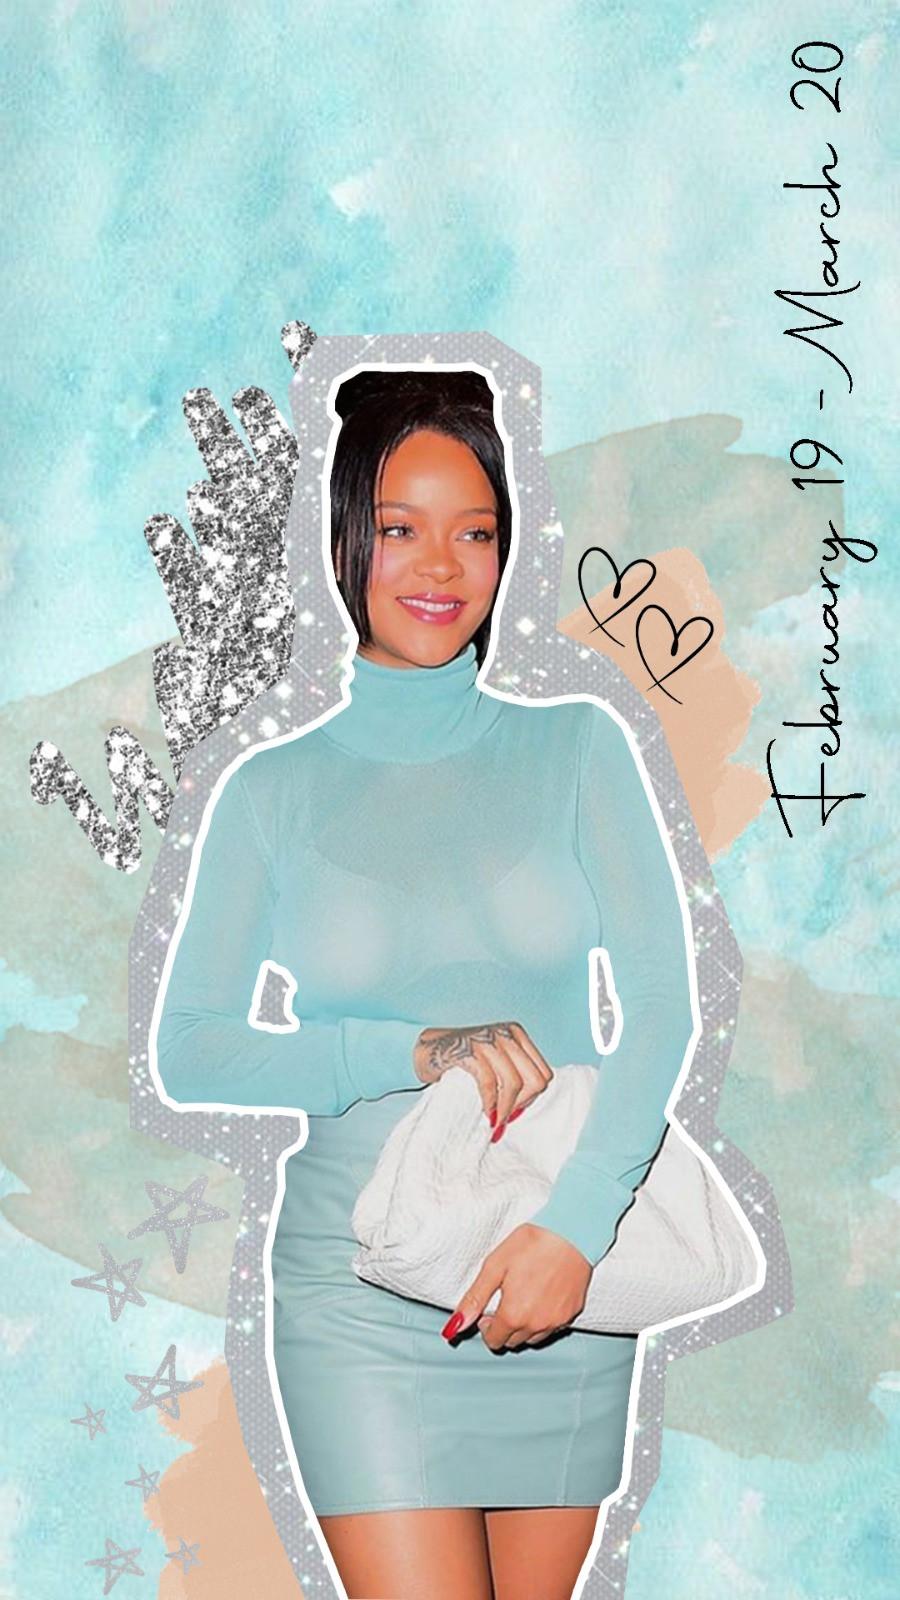 Rihanna image via @badgalriri on Instagram